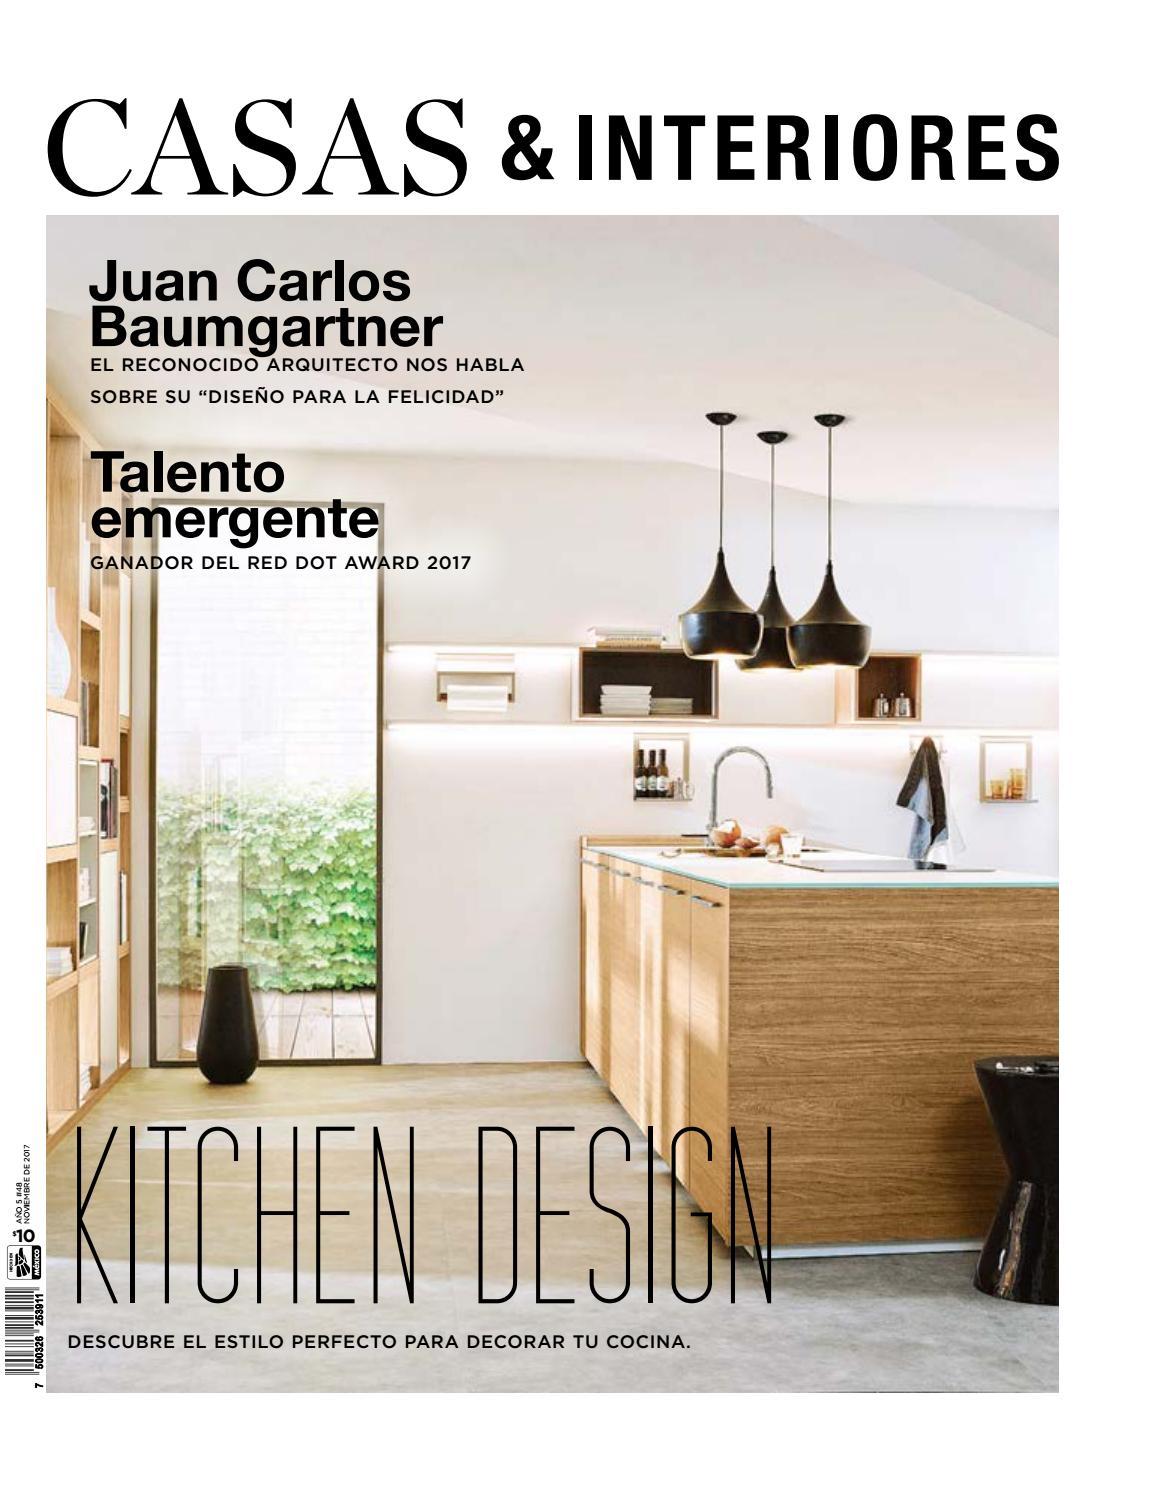 Casas & Interiores # 48 by Estilo de Vida El Horizonte - issuu